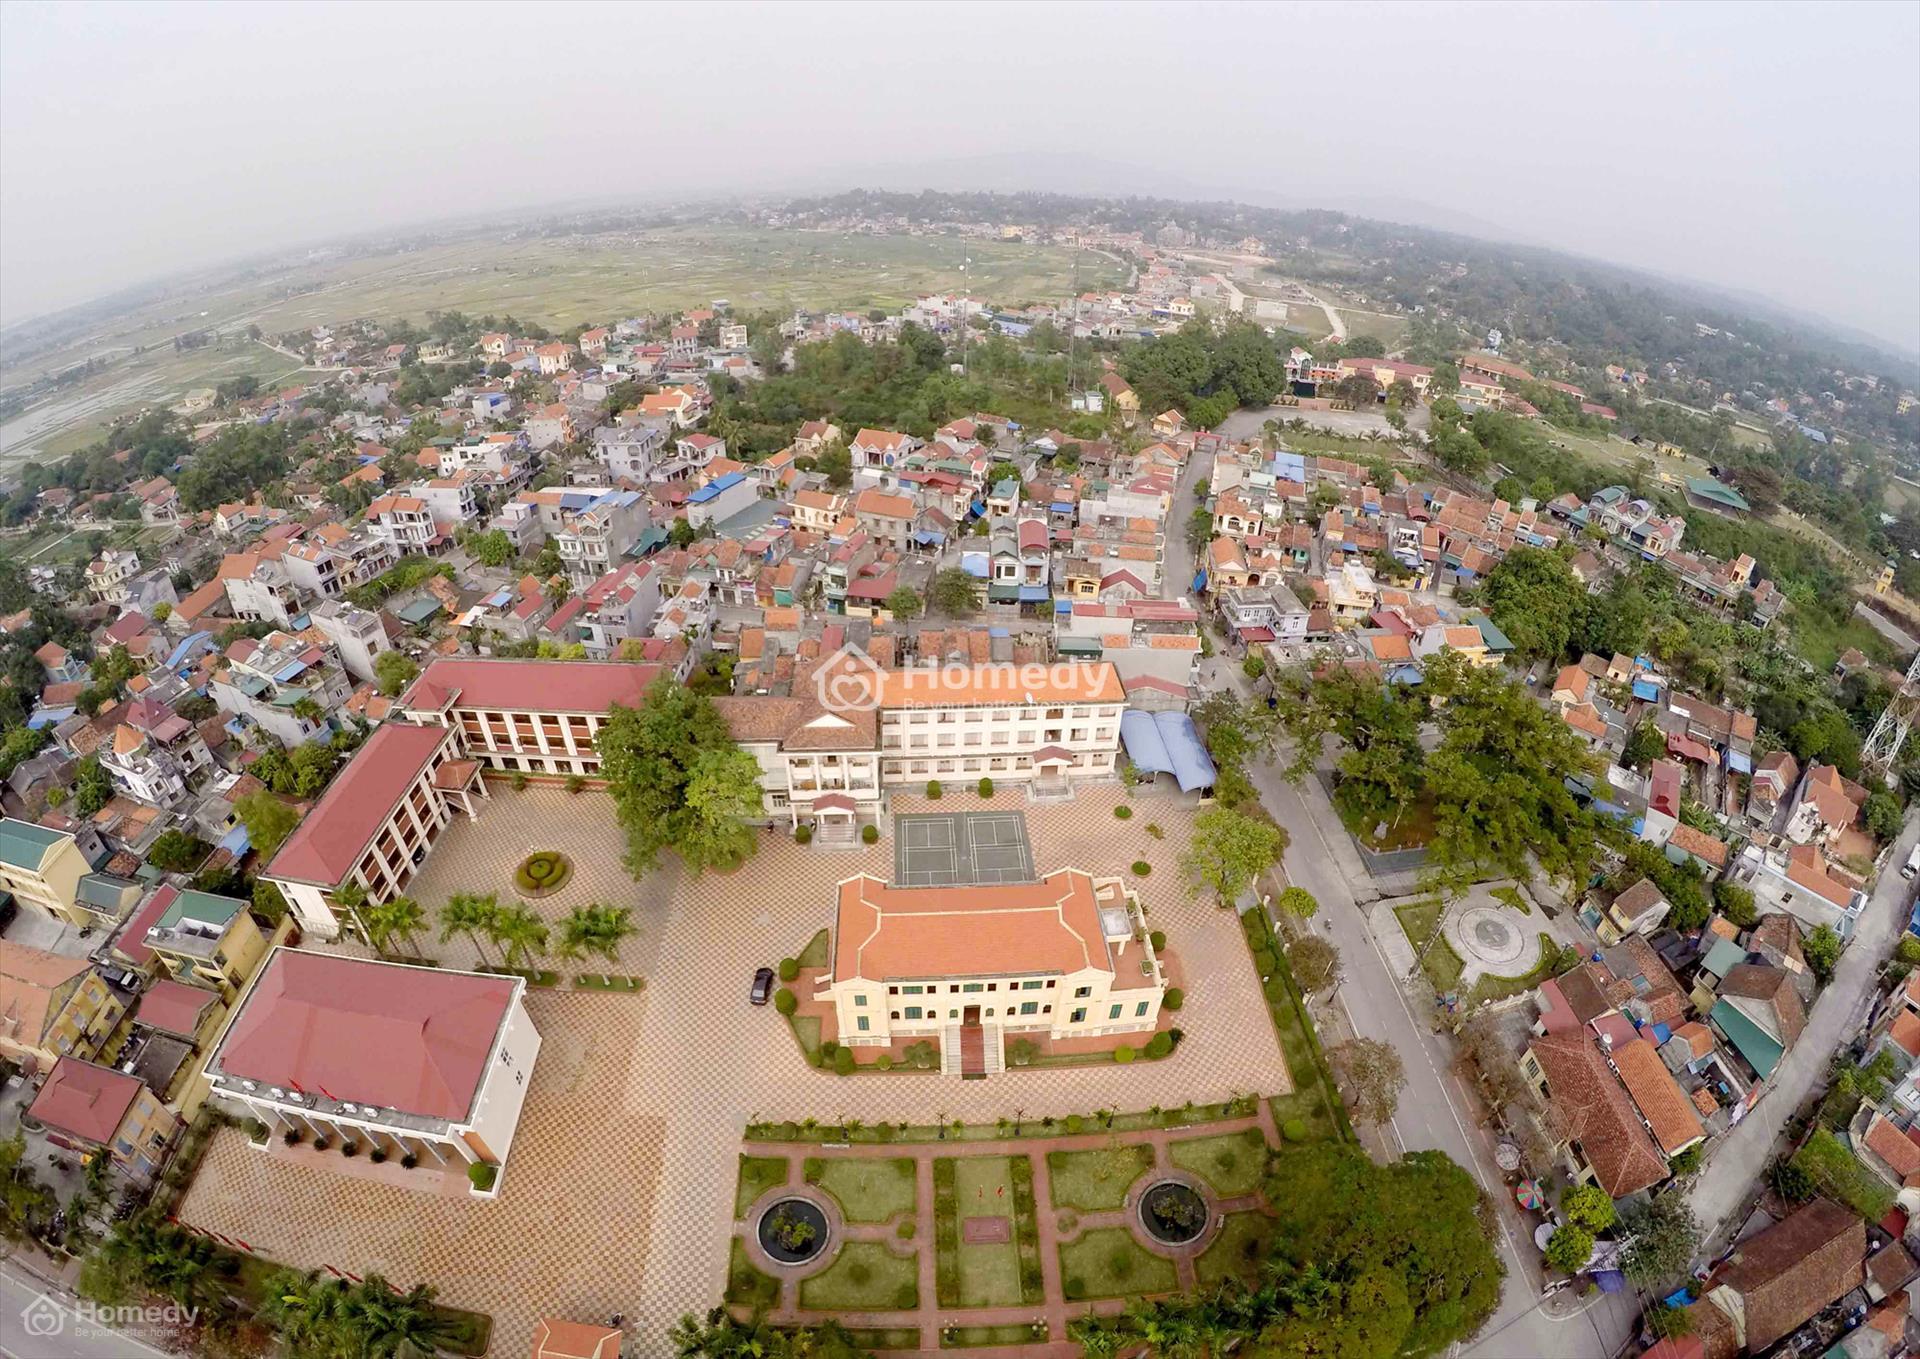 tạm dừng đấu giá đất nền trên địa bàn thị xã Quảng Yên